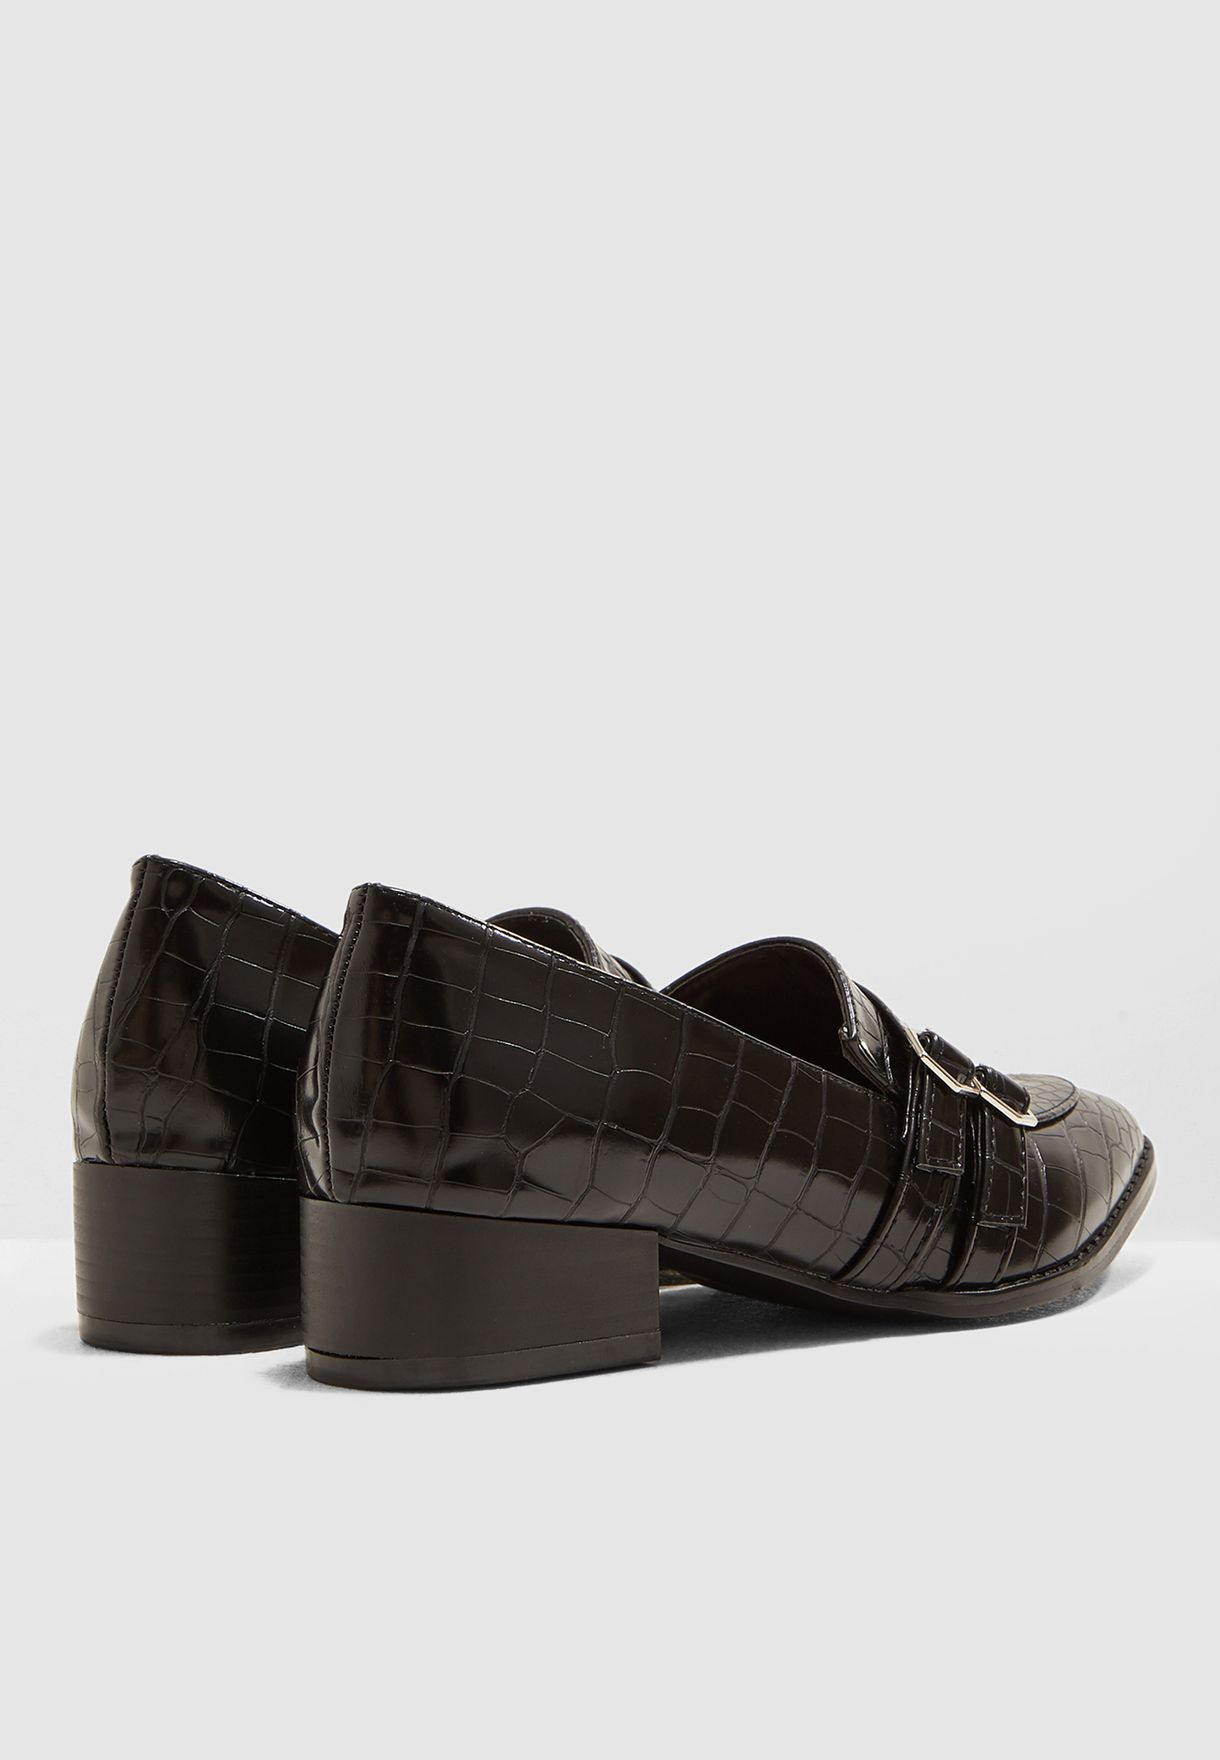 حذاء لوفر بسيرين